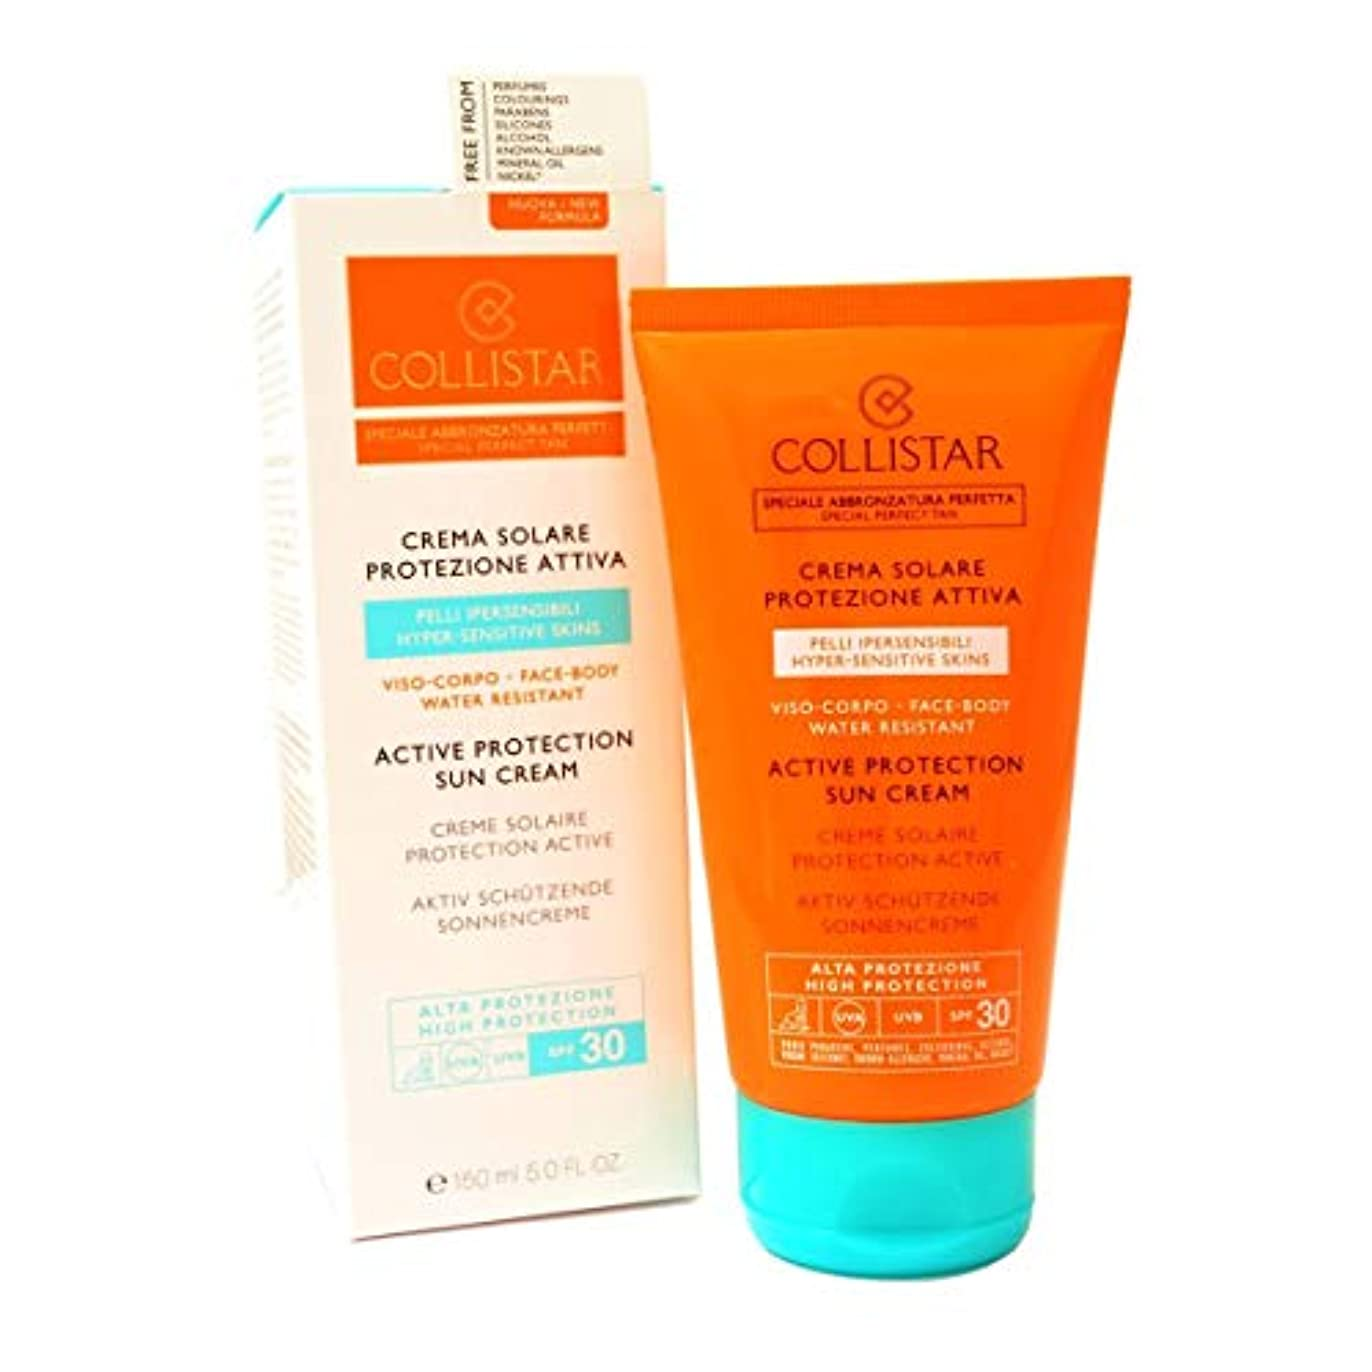 小川ヶ月目回るCollistar Active Protection Sun Cream Spf30 Face And Body 150ml [並行輸入品]